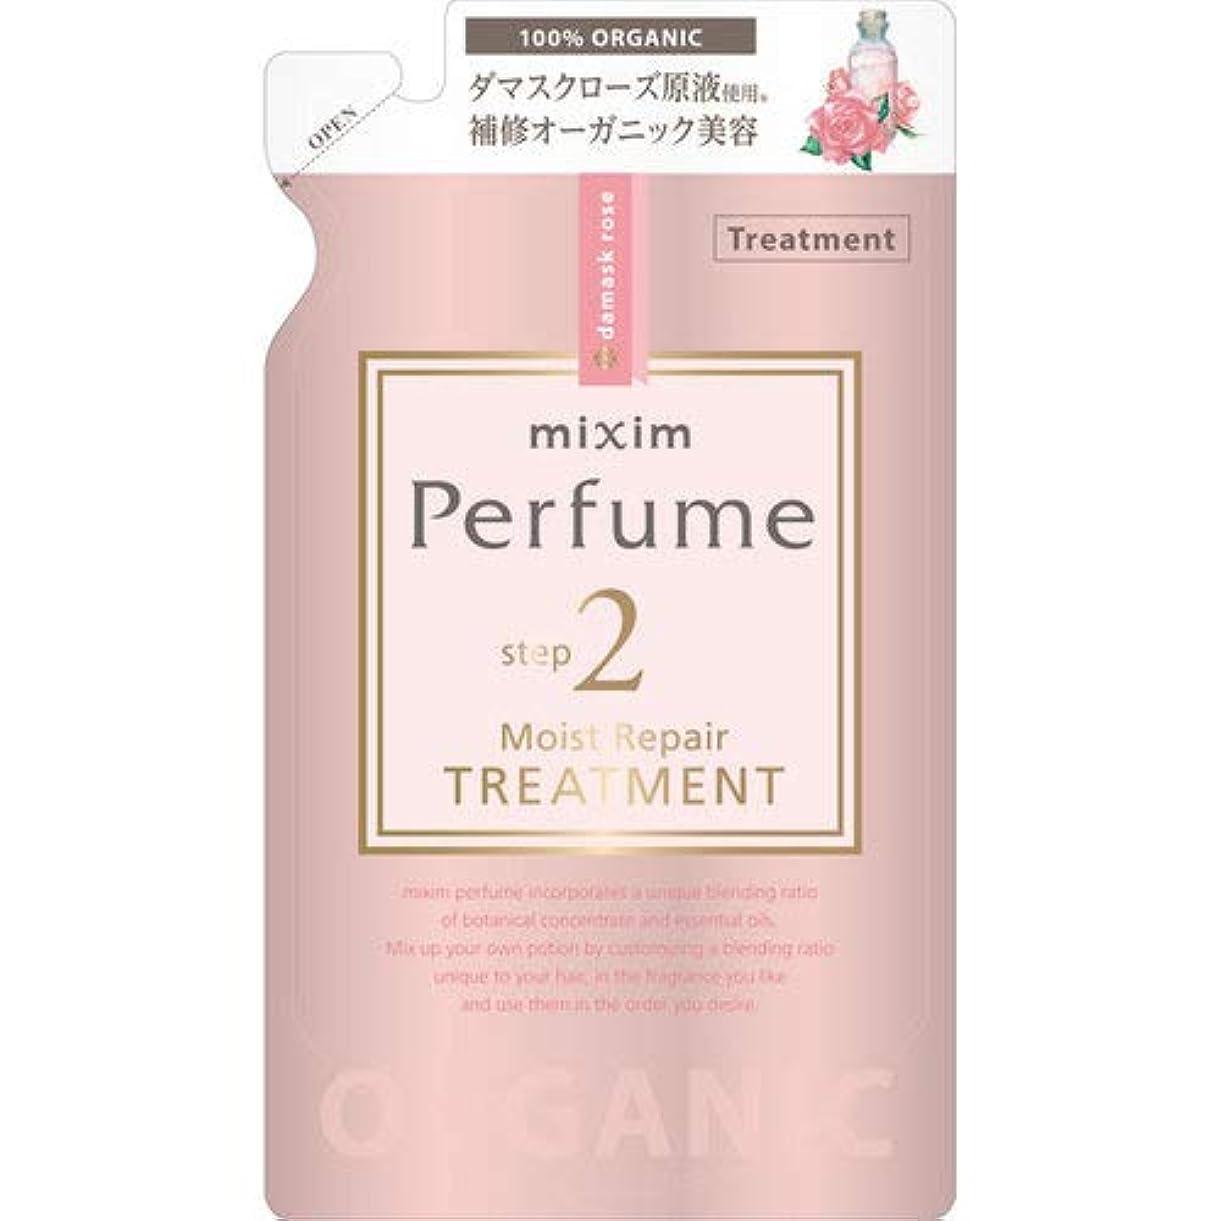 メーカー海藻マイクロプロセッサmixim Perfume(ミクシムパフューム) モイストリペア ヘアトリートメントつめかえ用 350g